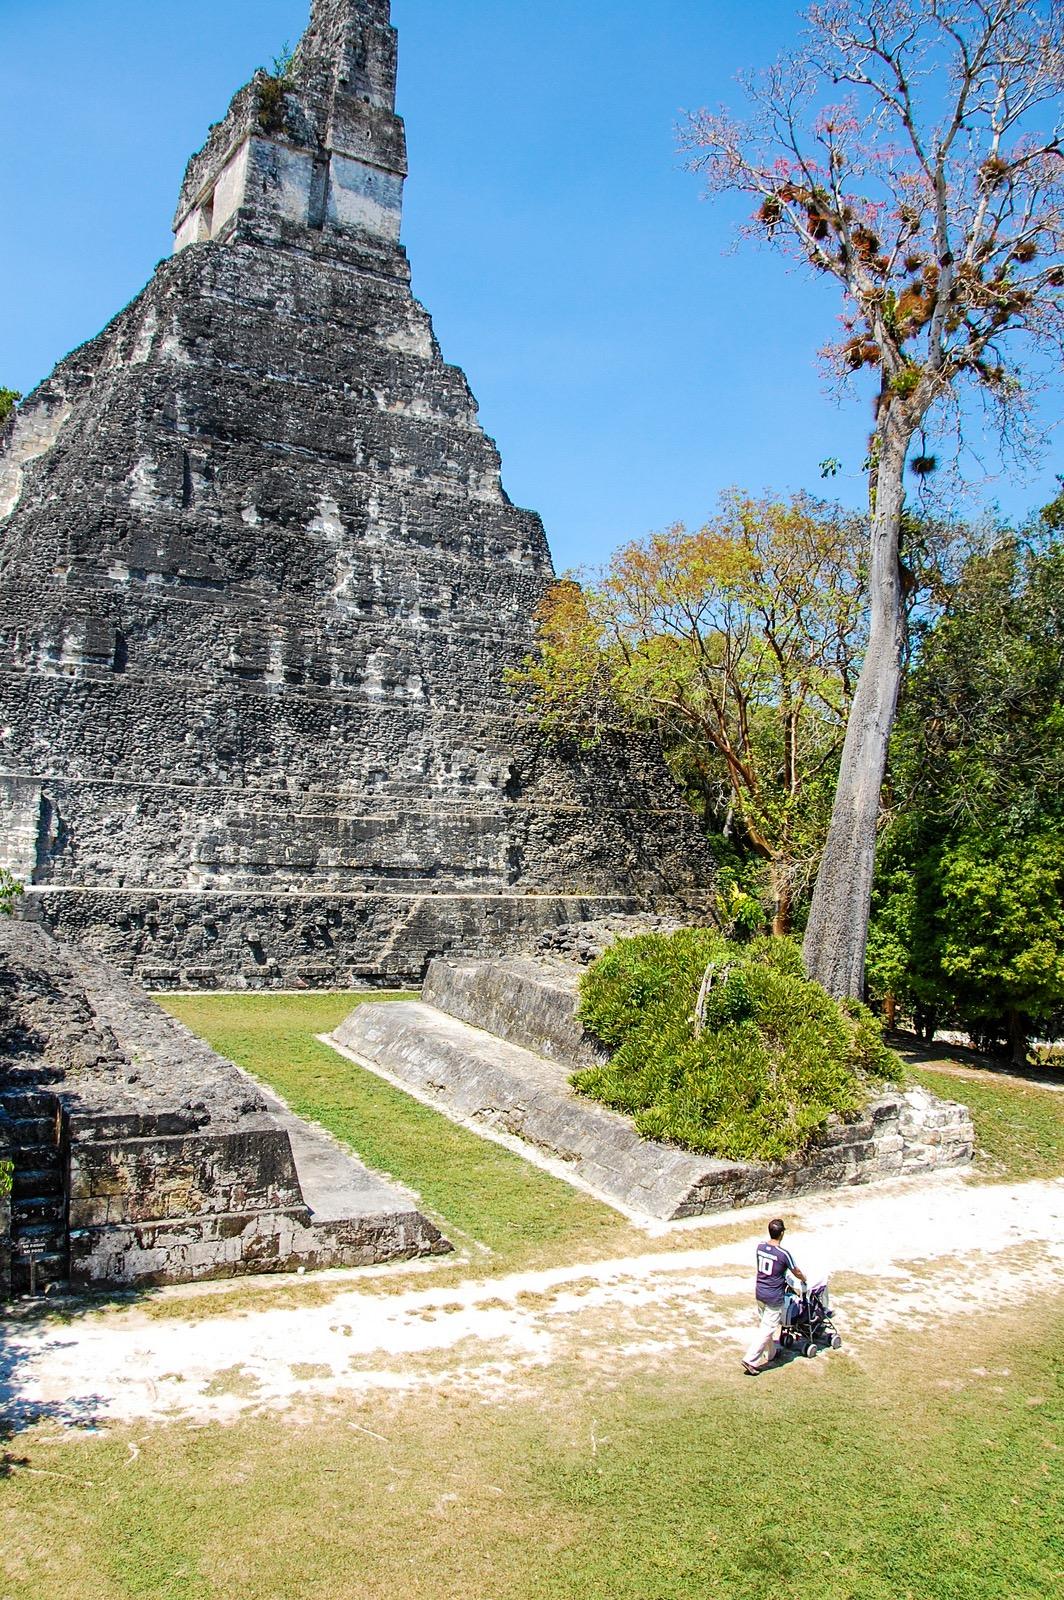 Tikal z dzieckiem, Gwatemala z dzieckiem